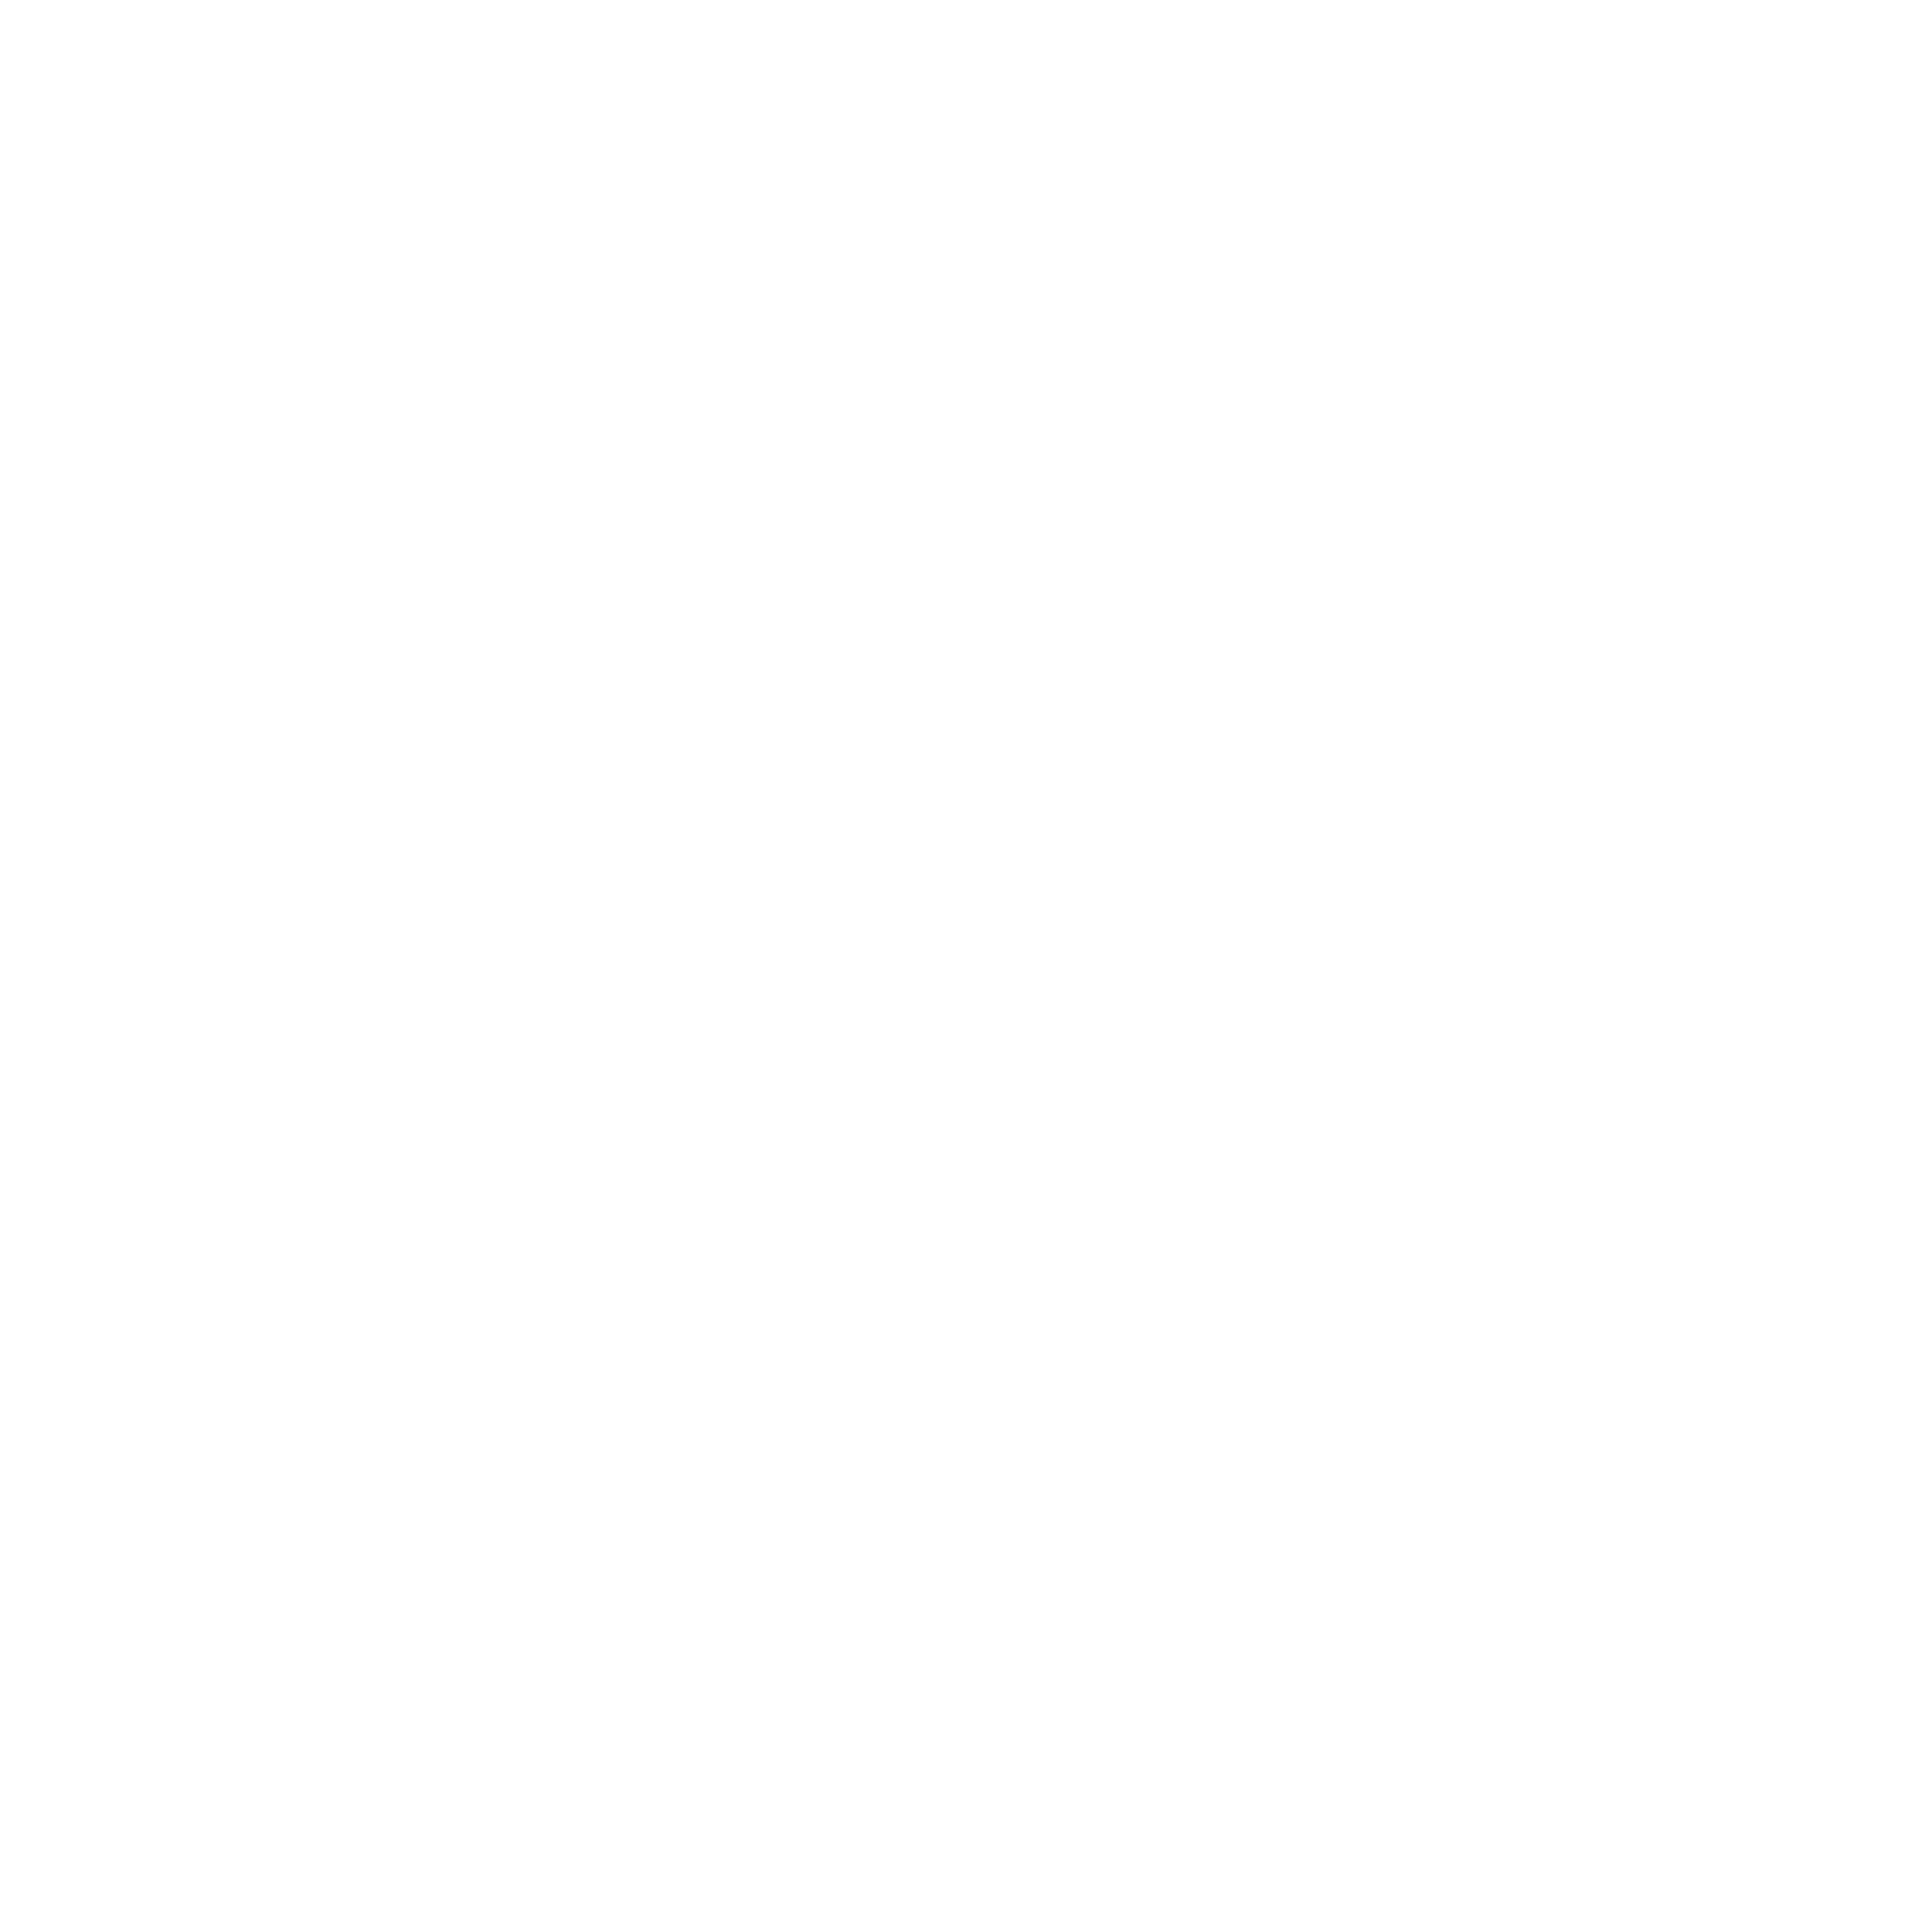 Cog icon vector clipart